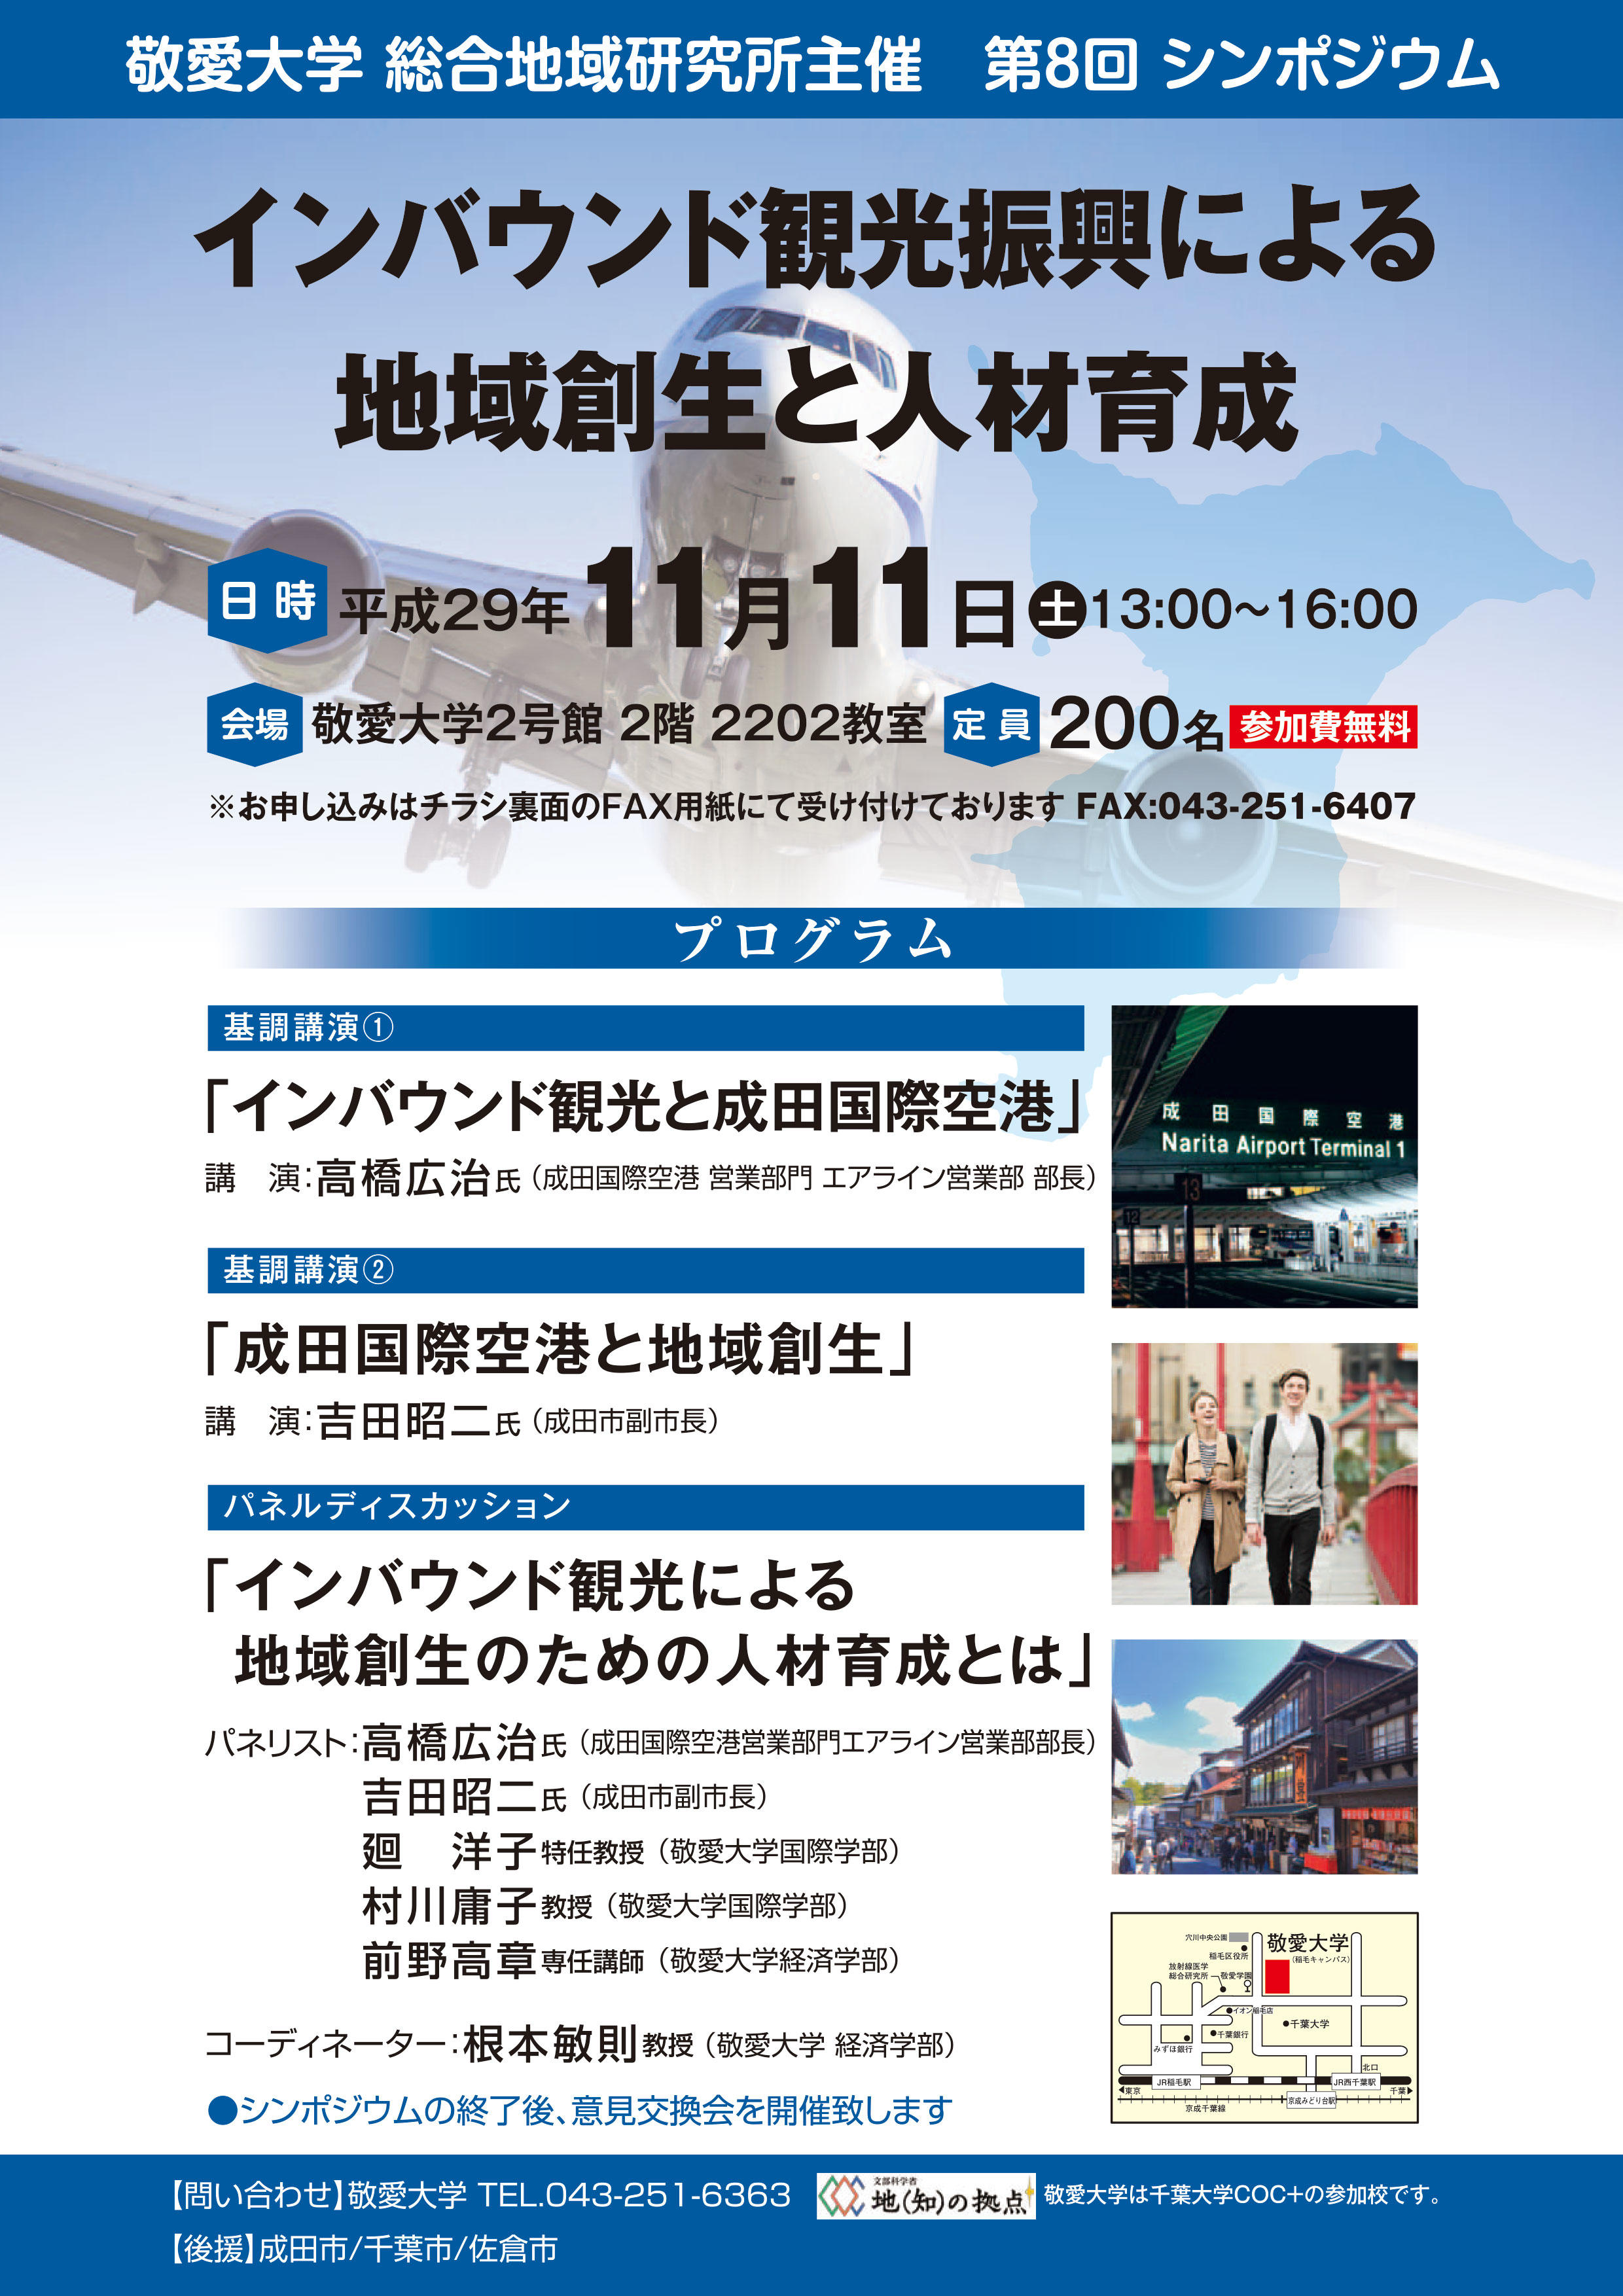 敬愛大学が11月11日に「総合地域研究所シンポジウム2017 インバウンド観光振興による地域創生と人材育成」を開催